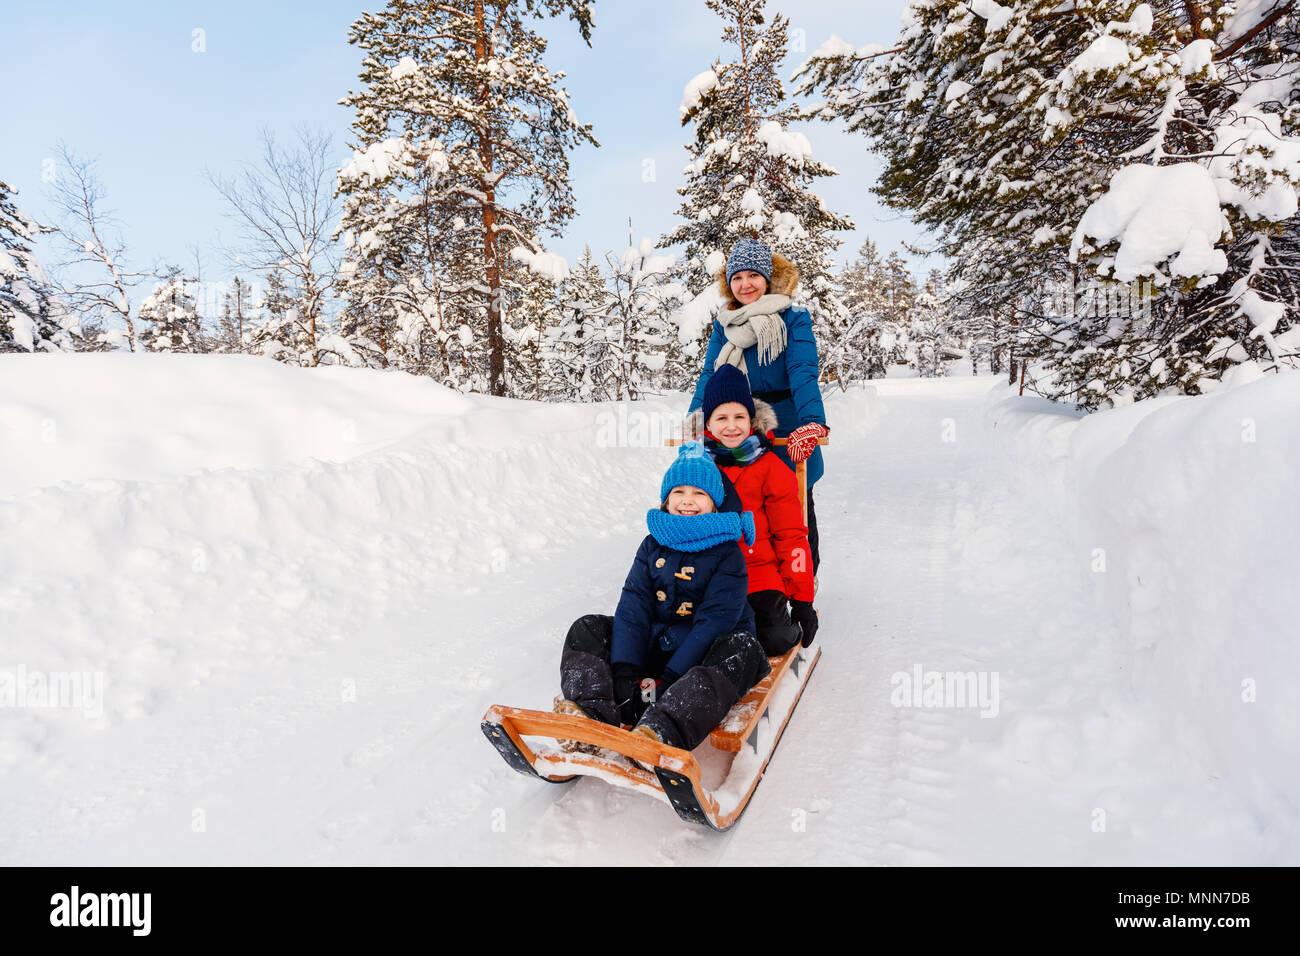 Hermosa familia de la madre y los niños disfrutan día nevado de invierno al aire libre diversión trineo Imagen De Stock